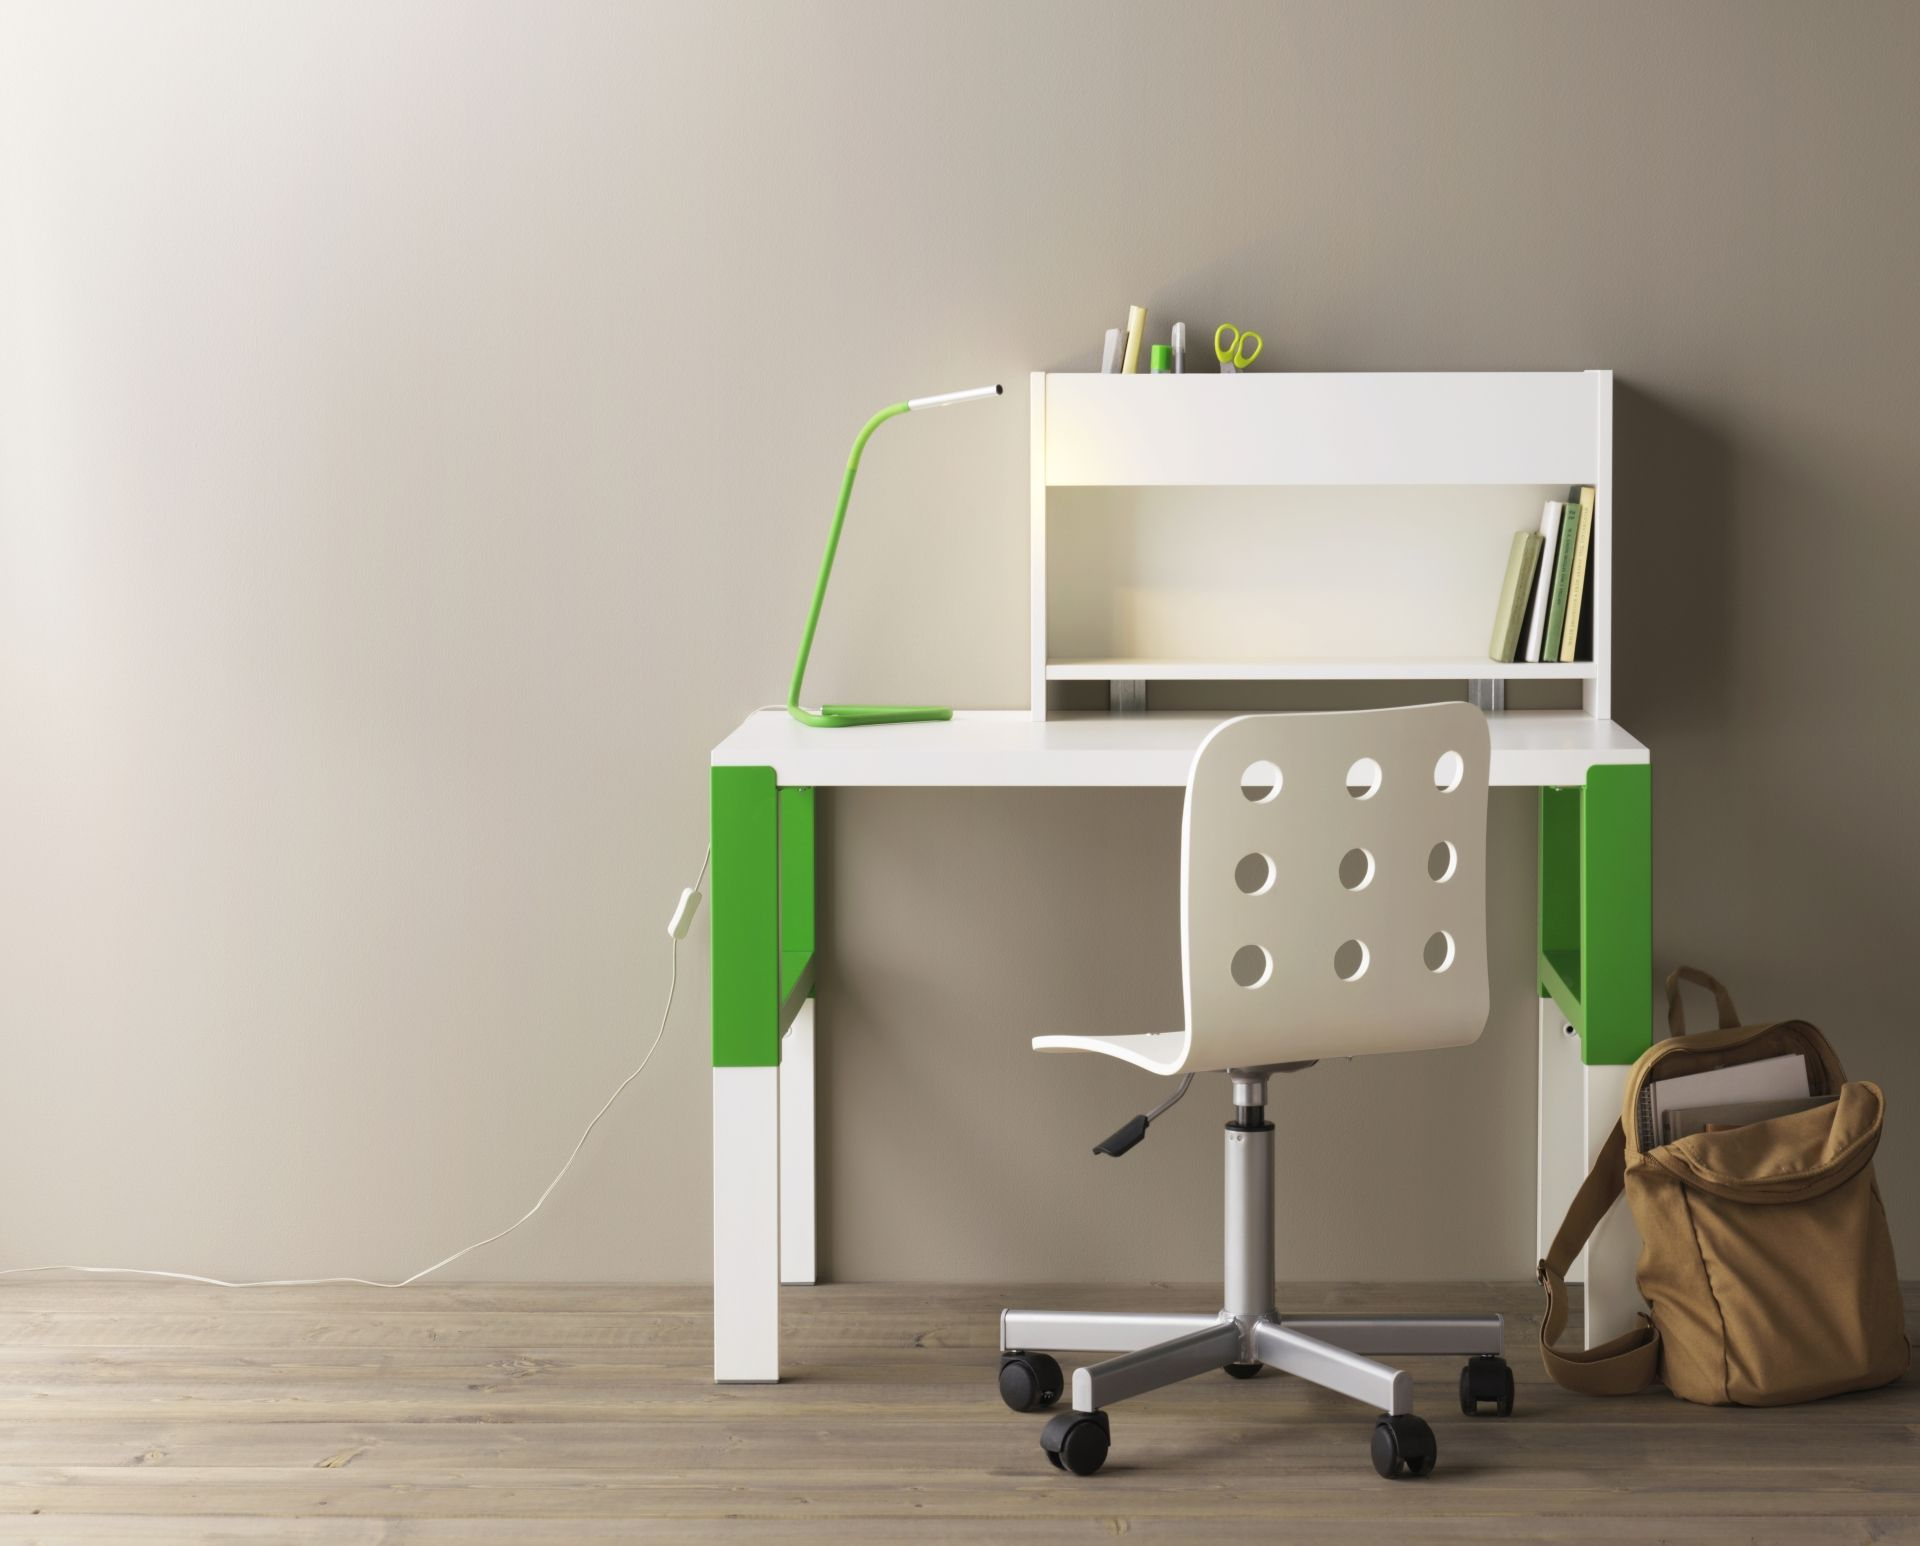 PÅhl bureau met opbouwdeel wit groen bureaus